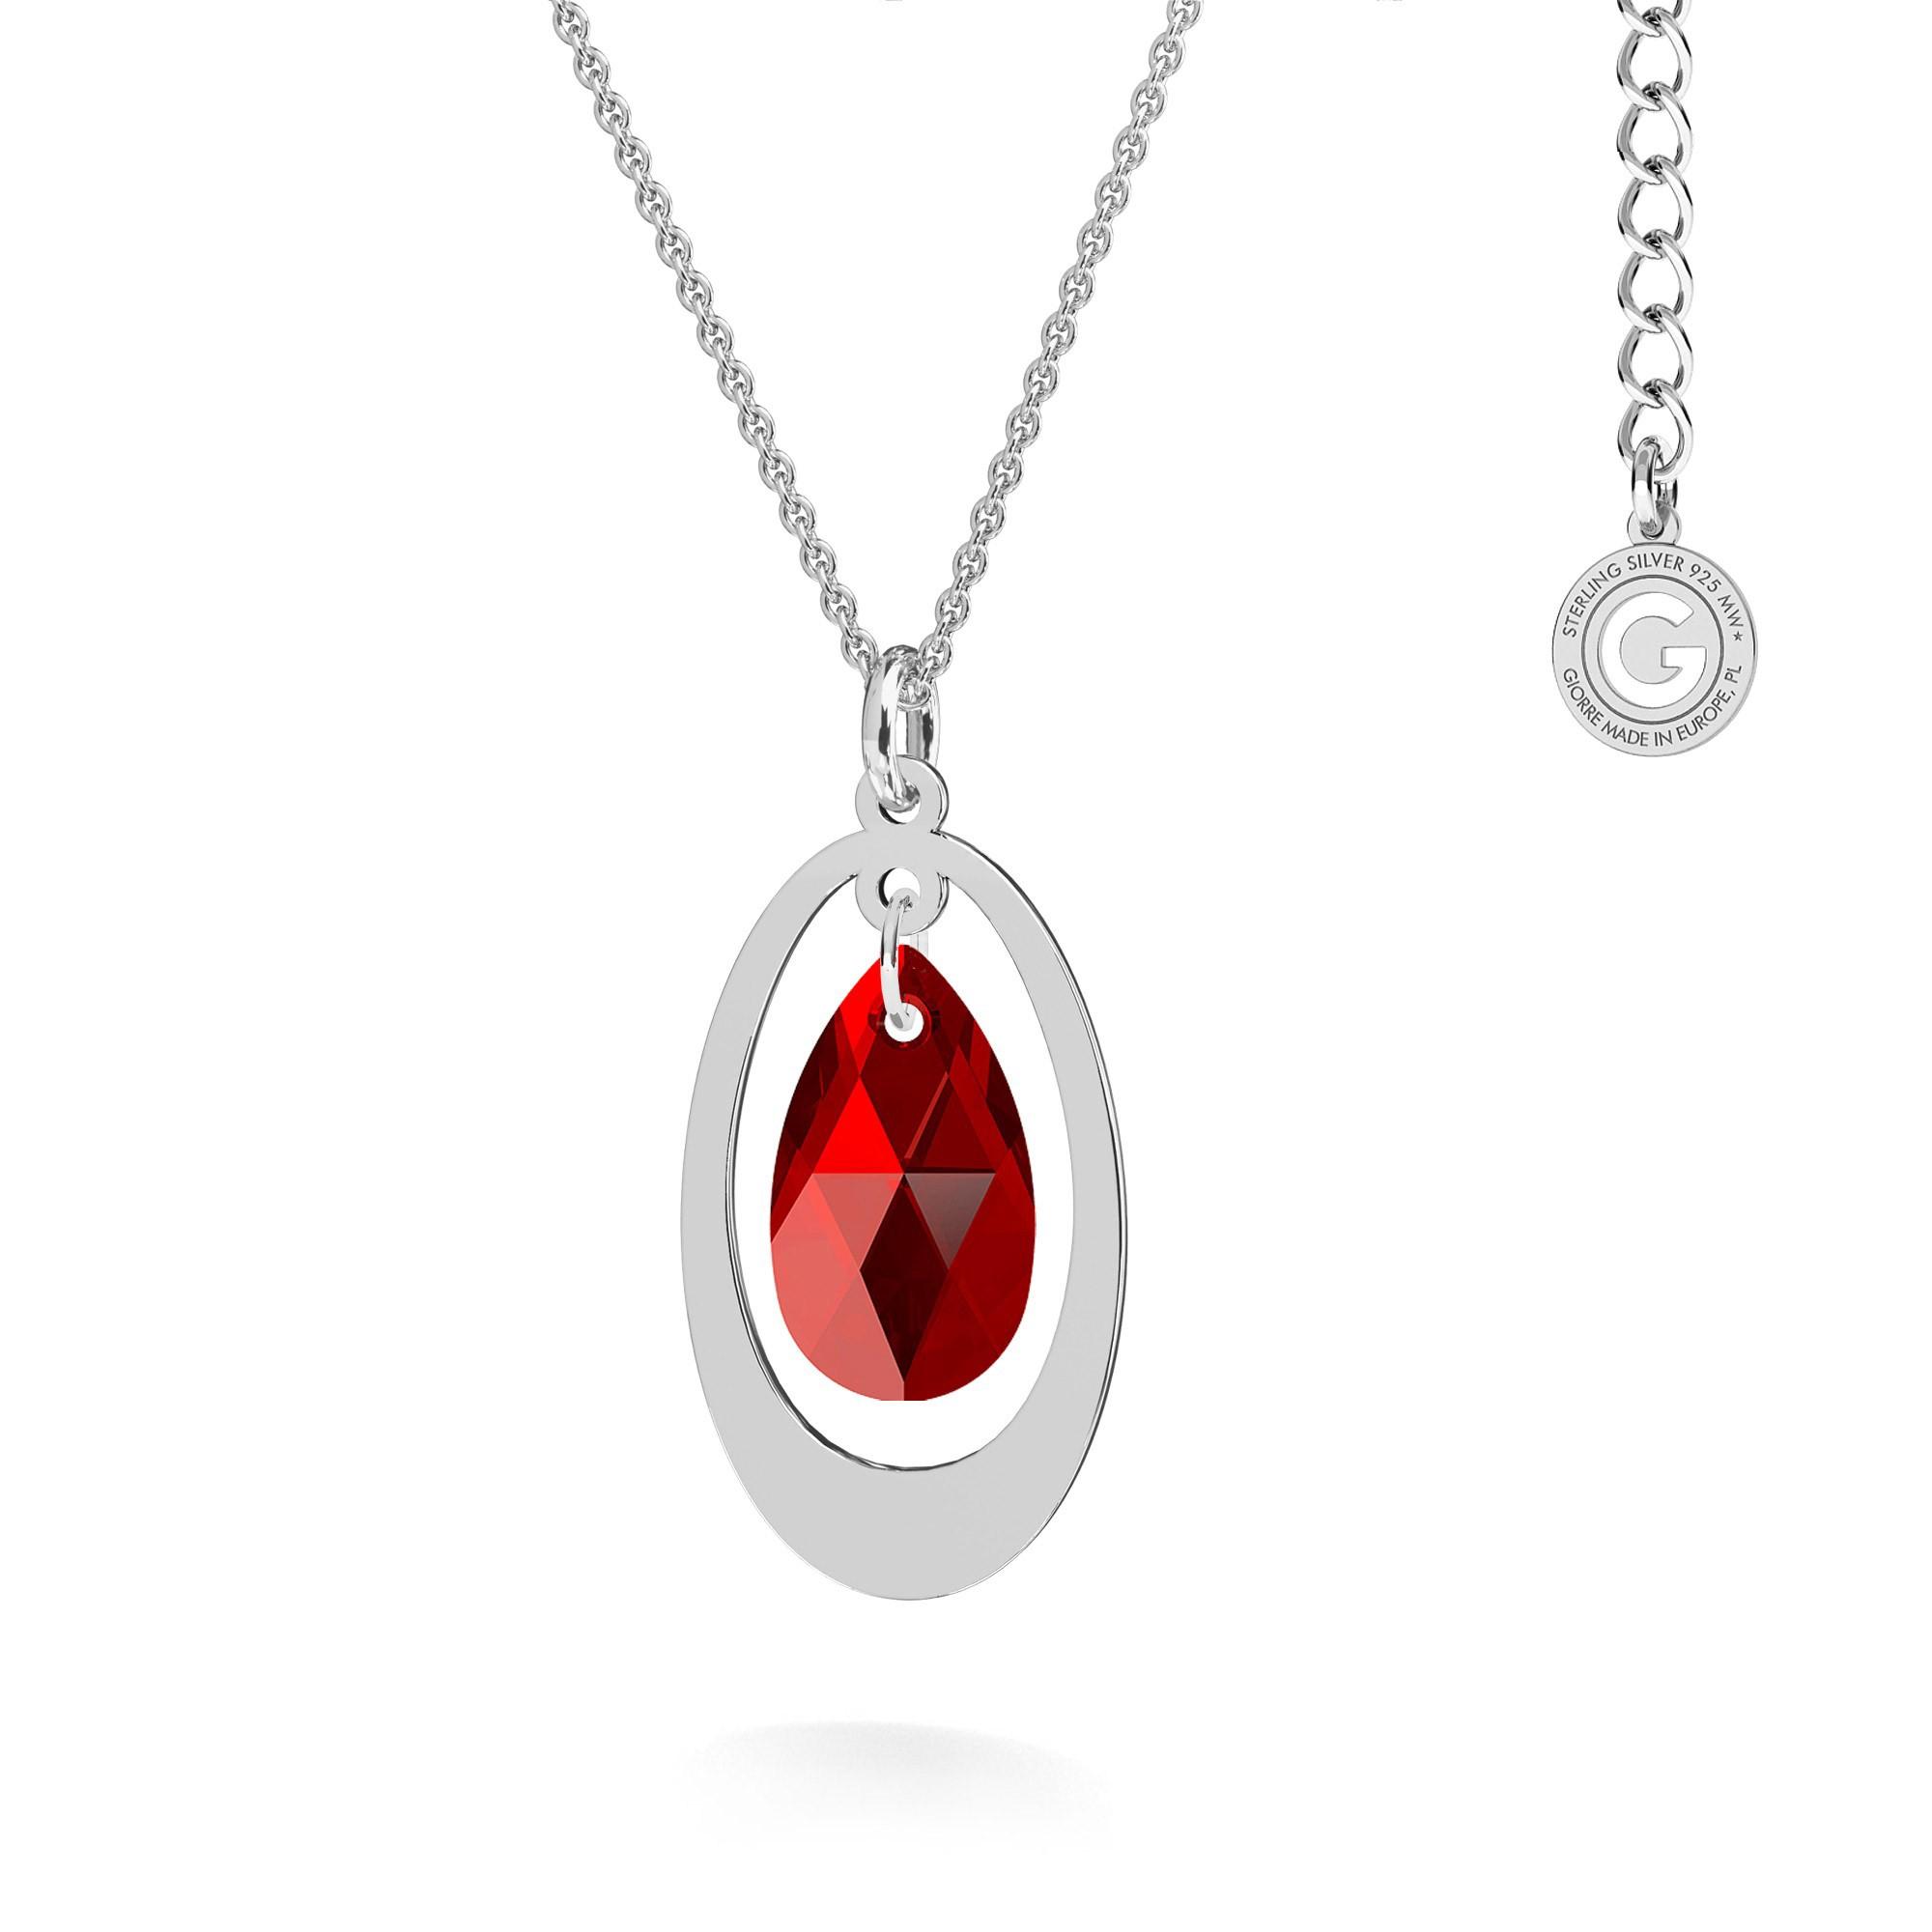 Naszyjnik z owalnym kryształem Swarovski, grawer, MON DÉFI, srebro 925